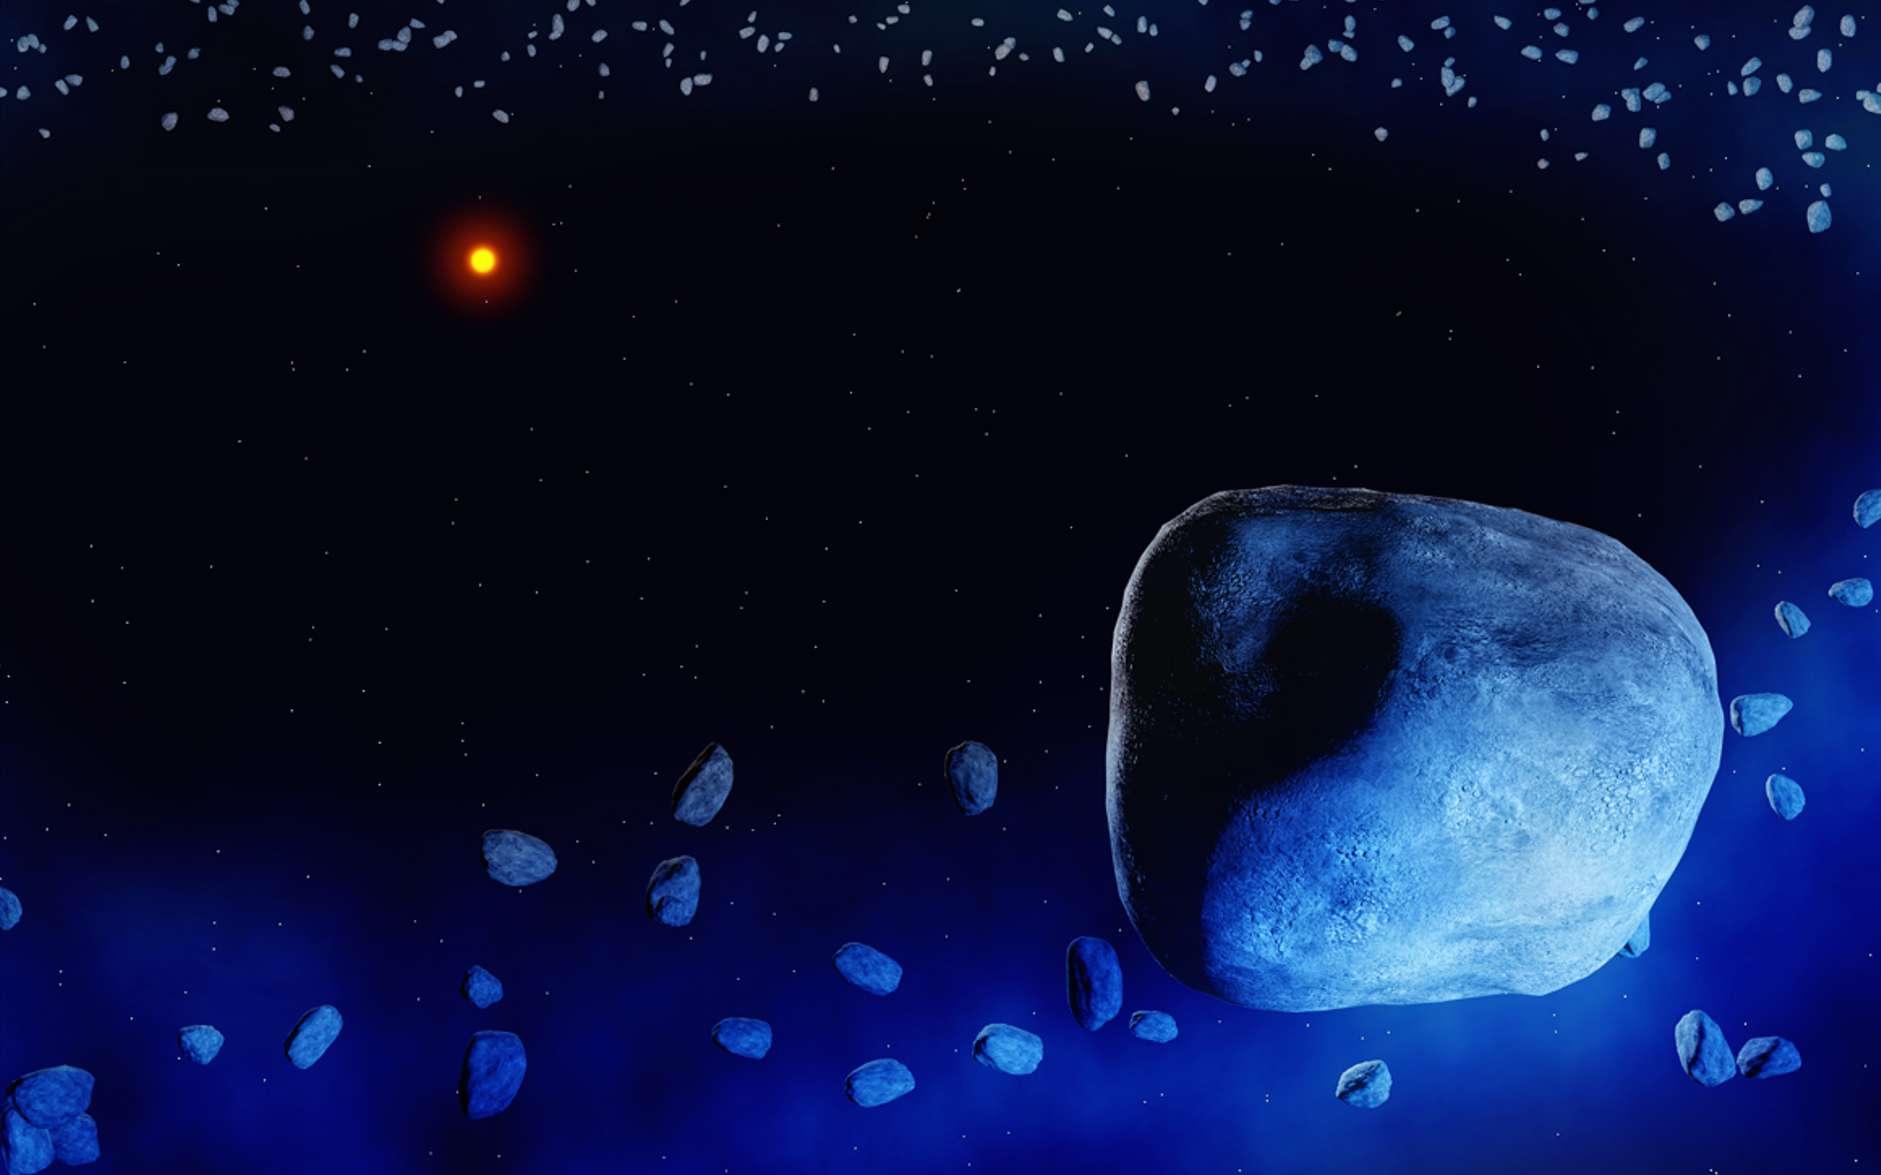 Une vue d'artiste d'un équivalent de la ceinture de Kuiper, riche en exocomète, autour d'une jeune étoile similaire au Soleil mais âgée de seulement 23 millions d'années. © Amanda Smith, University of Cambridge